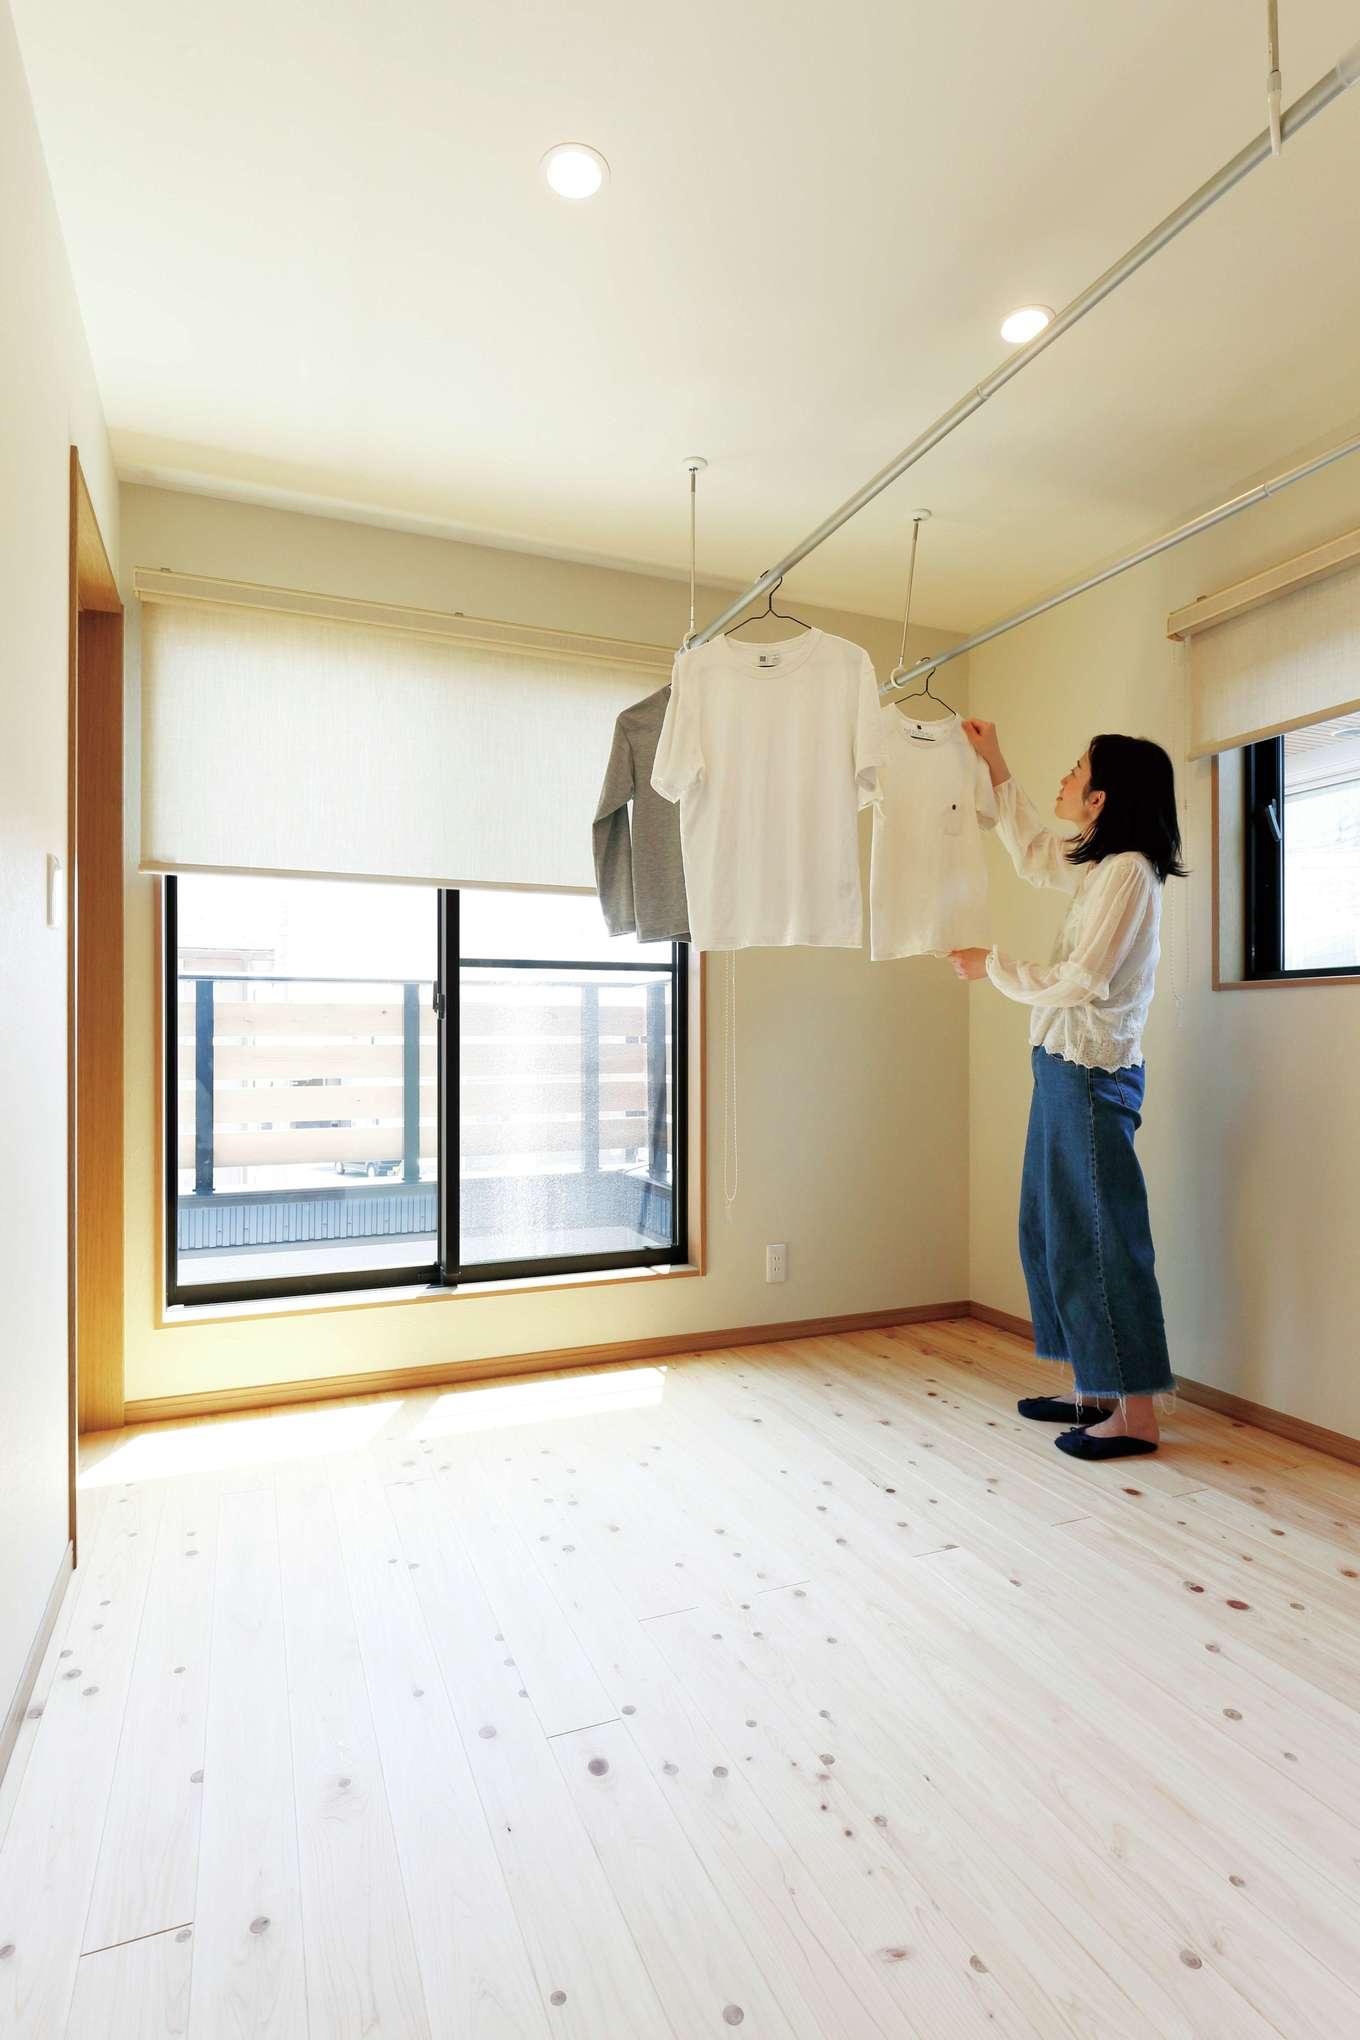 フジモクの家(富士木材)【デザイン住宅、収納力、自然素材】広い部屋干しスペースは、共働き夫婦のマストアイテム。調湿効果にすぐれた無垢材と珪藻土のおかげですぐに乾き、不快な臭いもしない